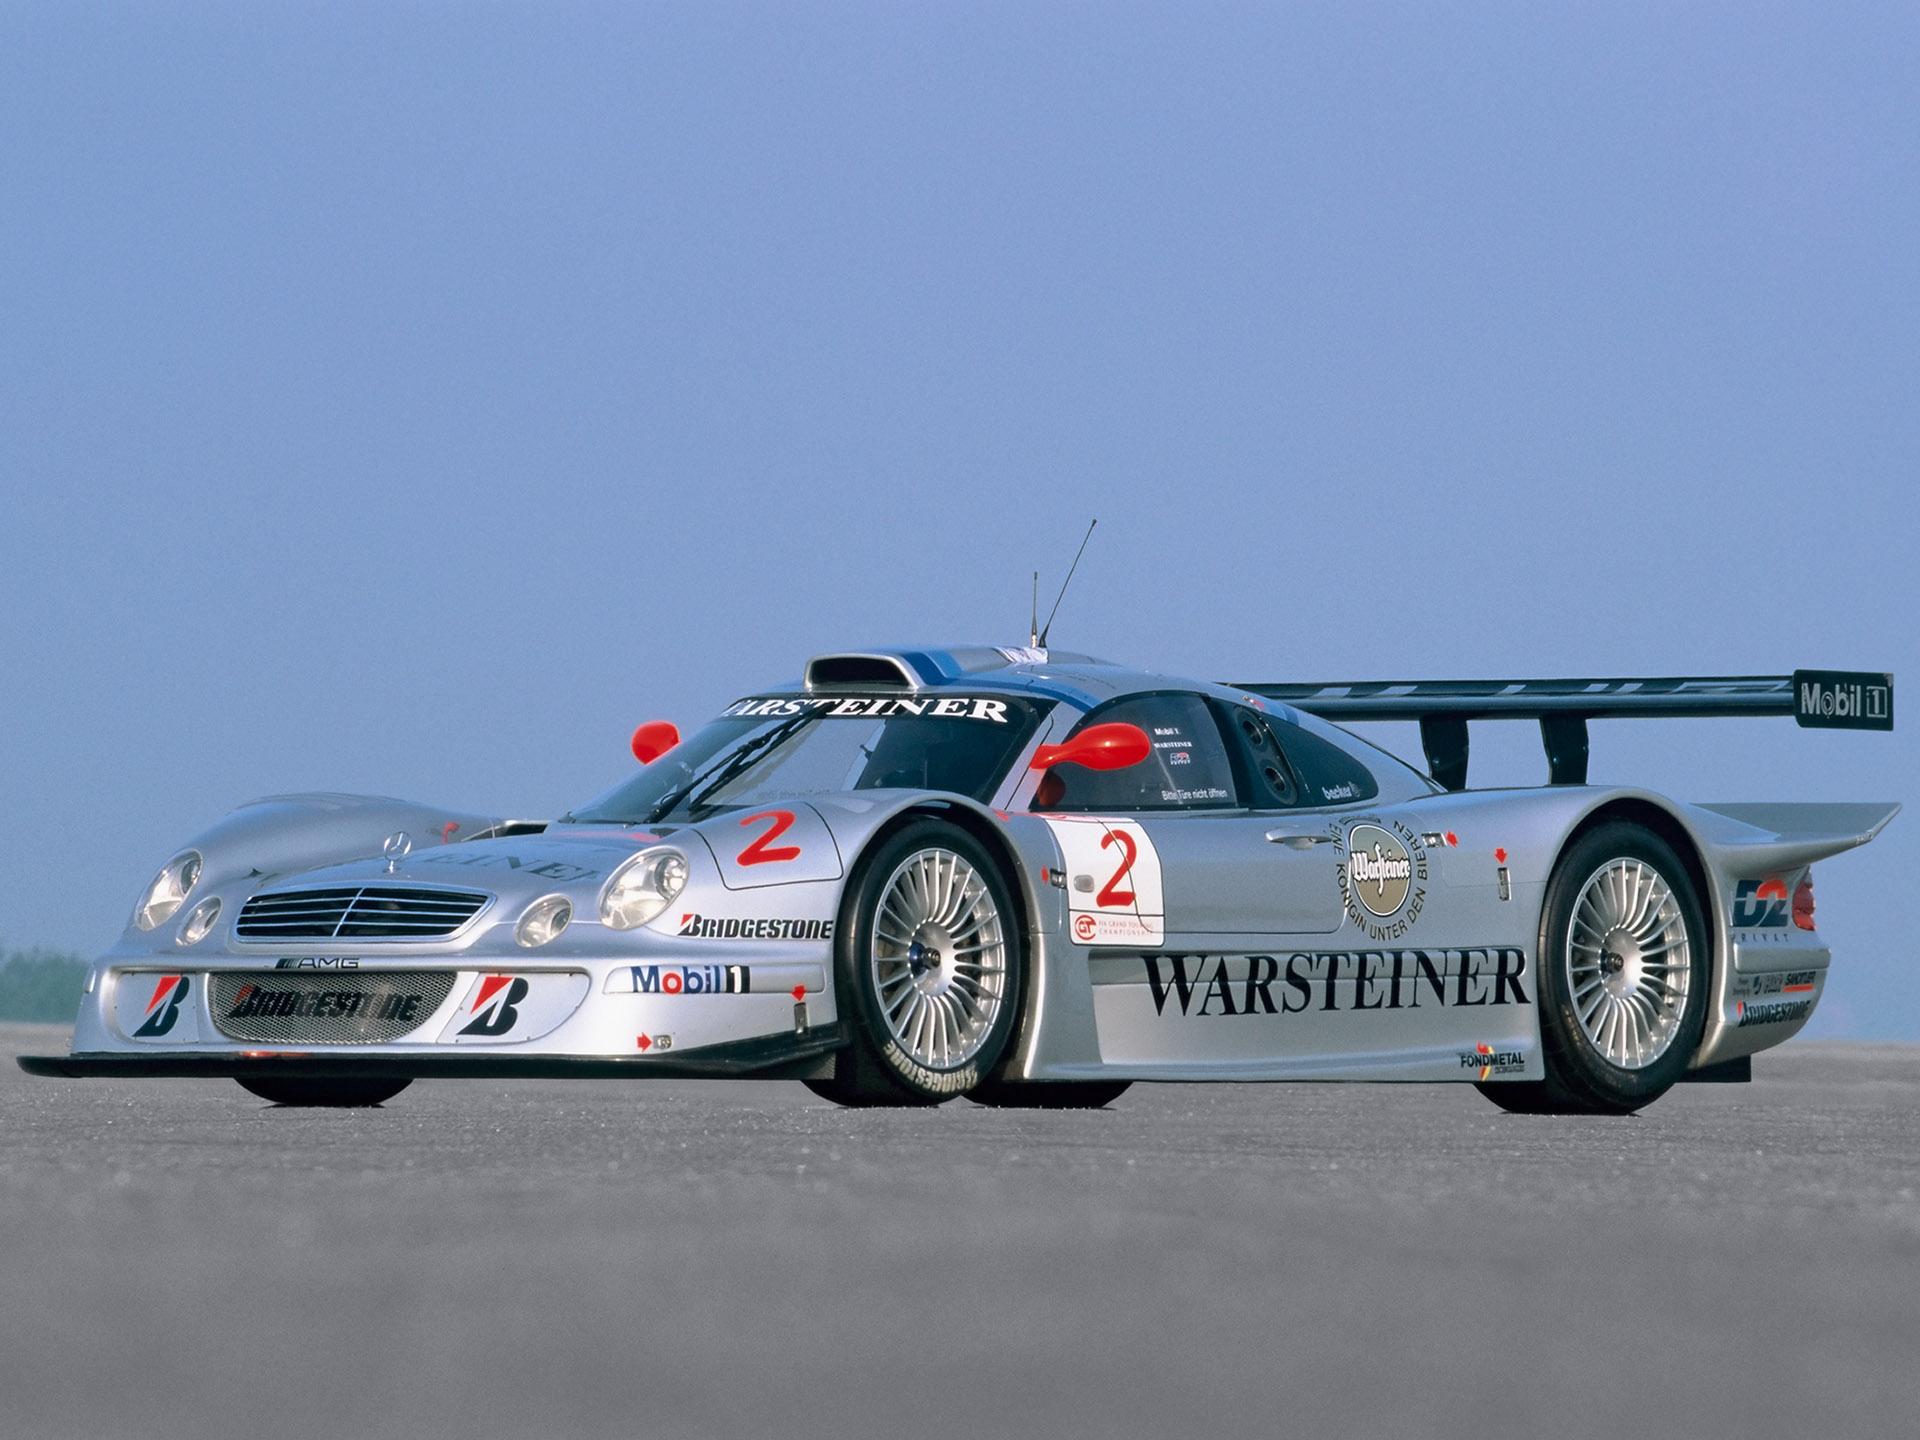 1998 mercedes benz clk gtr amg lm mercedes benz for Mercedes benz pics